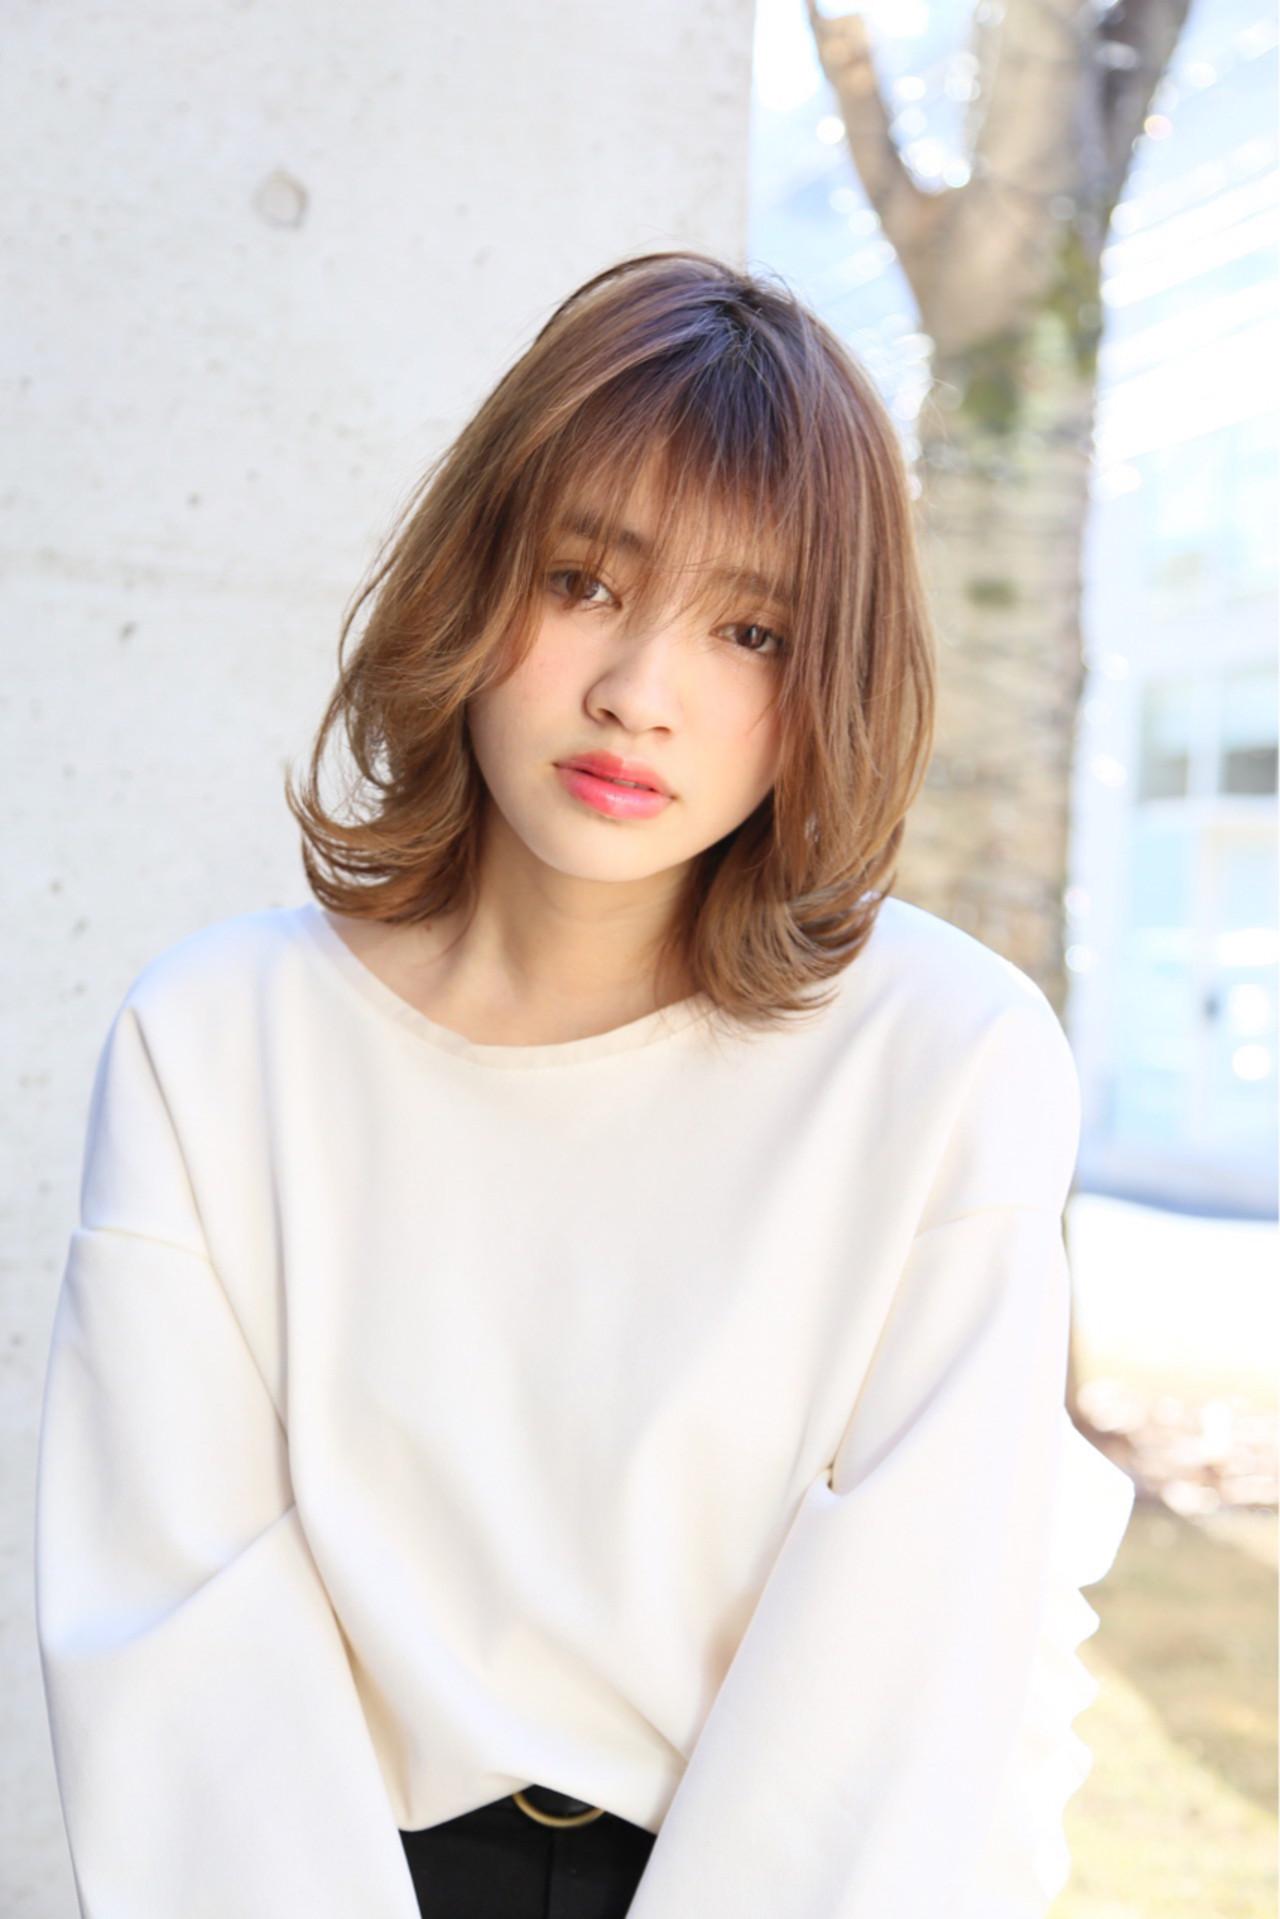 ミディアム ナチュラル アッシュベージュ ハイライト ヘアスタイルや髪型の写真・画像 | Mayu / a